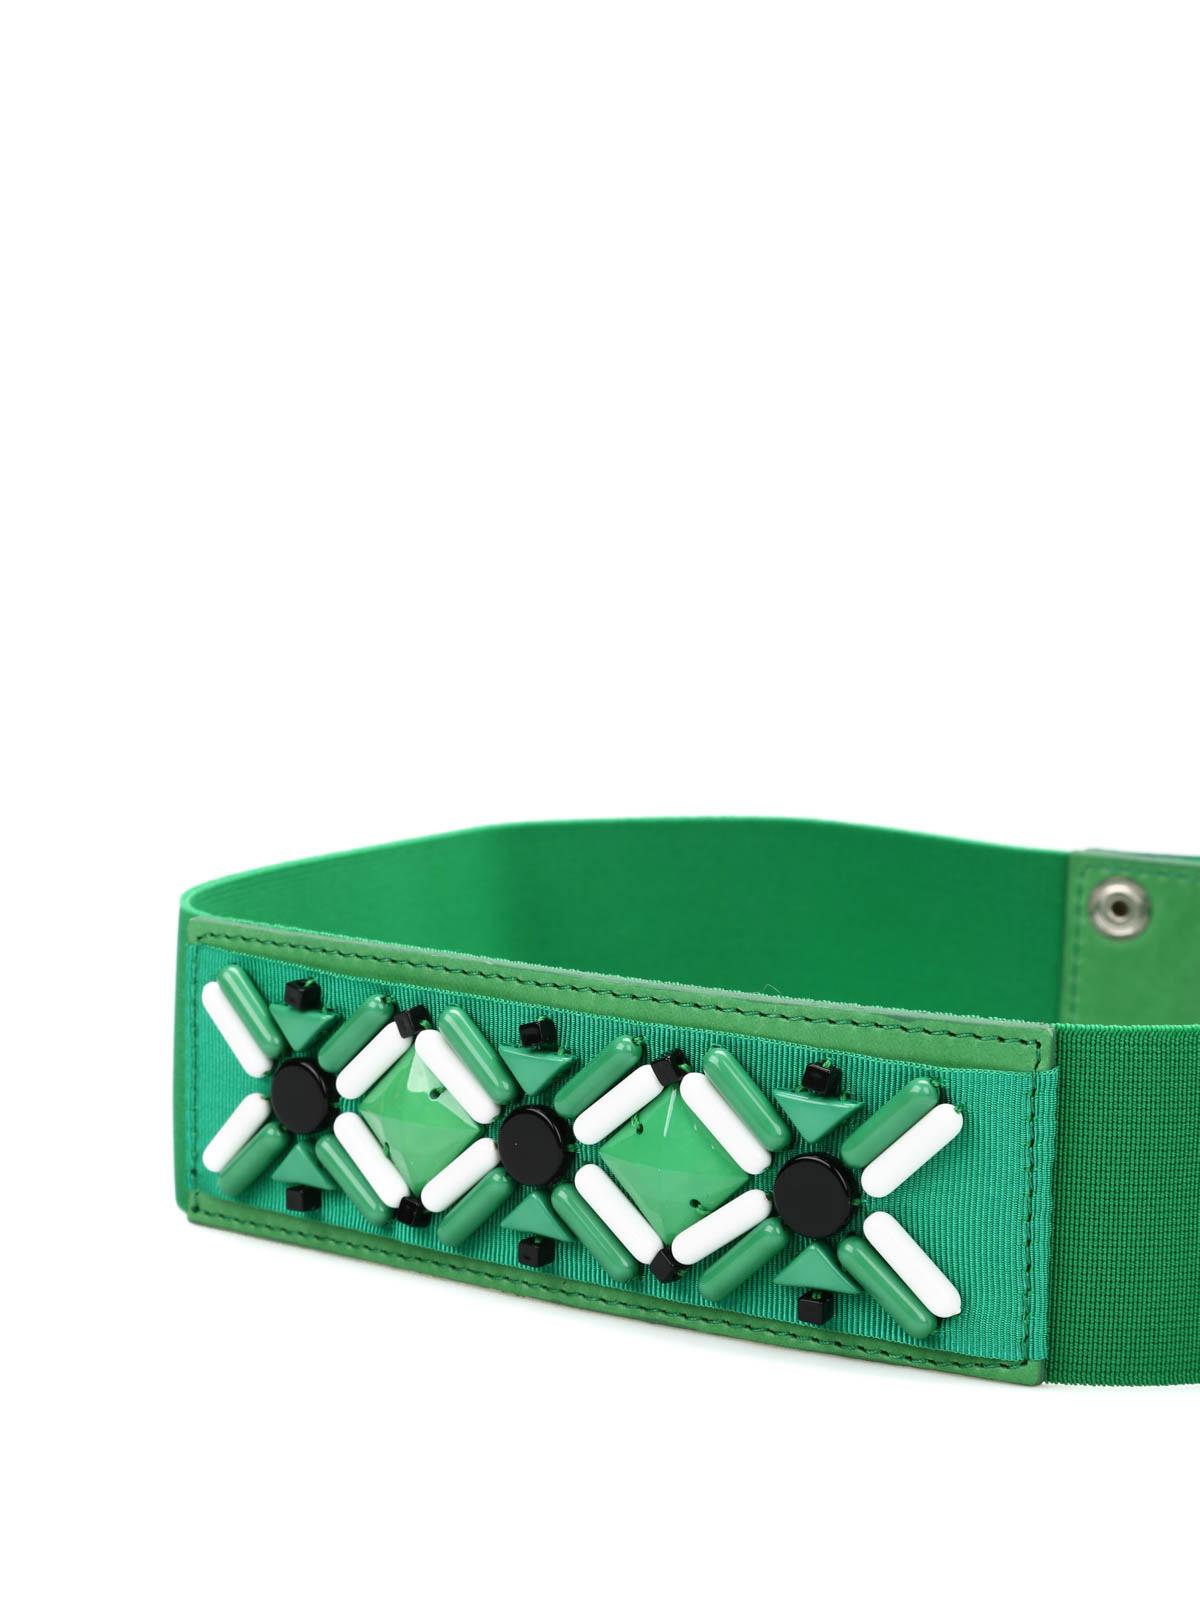 comprar online 24c4a 44703 P.A.R.O.S.H. - Cinturón Verde Para Mujer - Cinturones ...